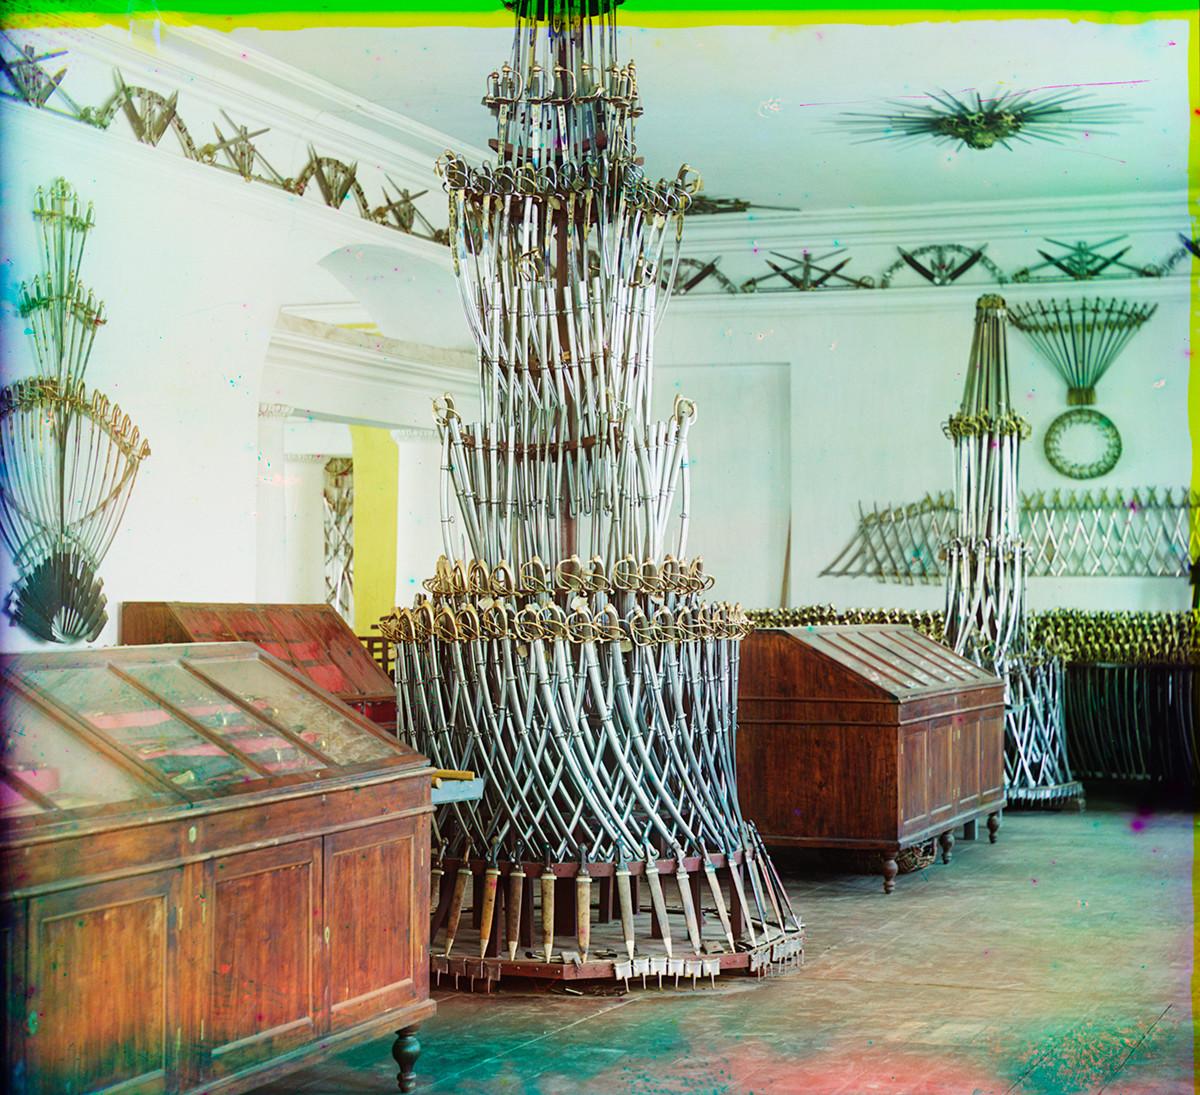 Musée de l'Arsenal. Exposition de sabres de Zlatooust et d'autres armes en acier froid